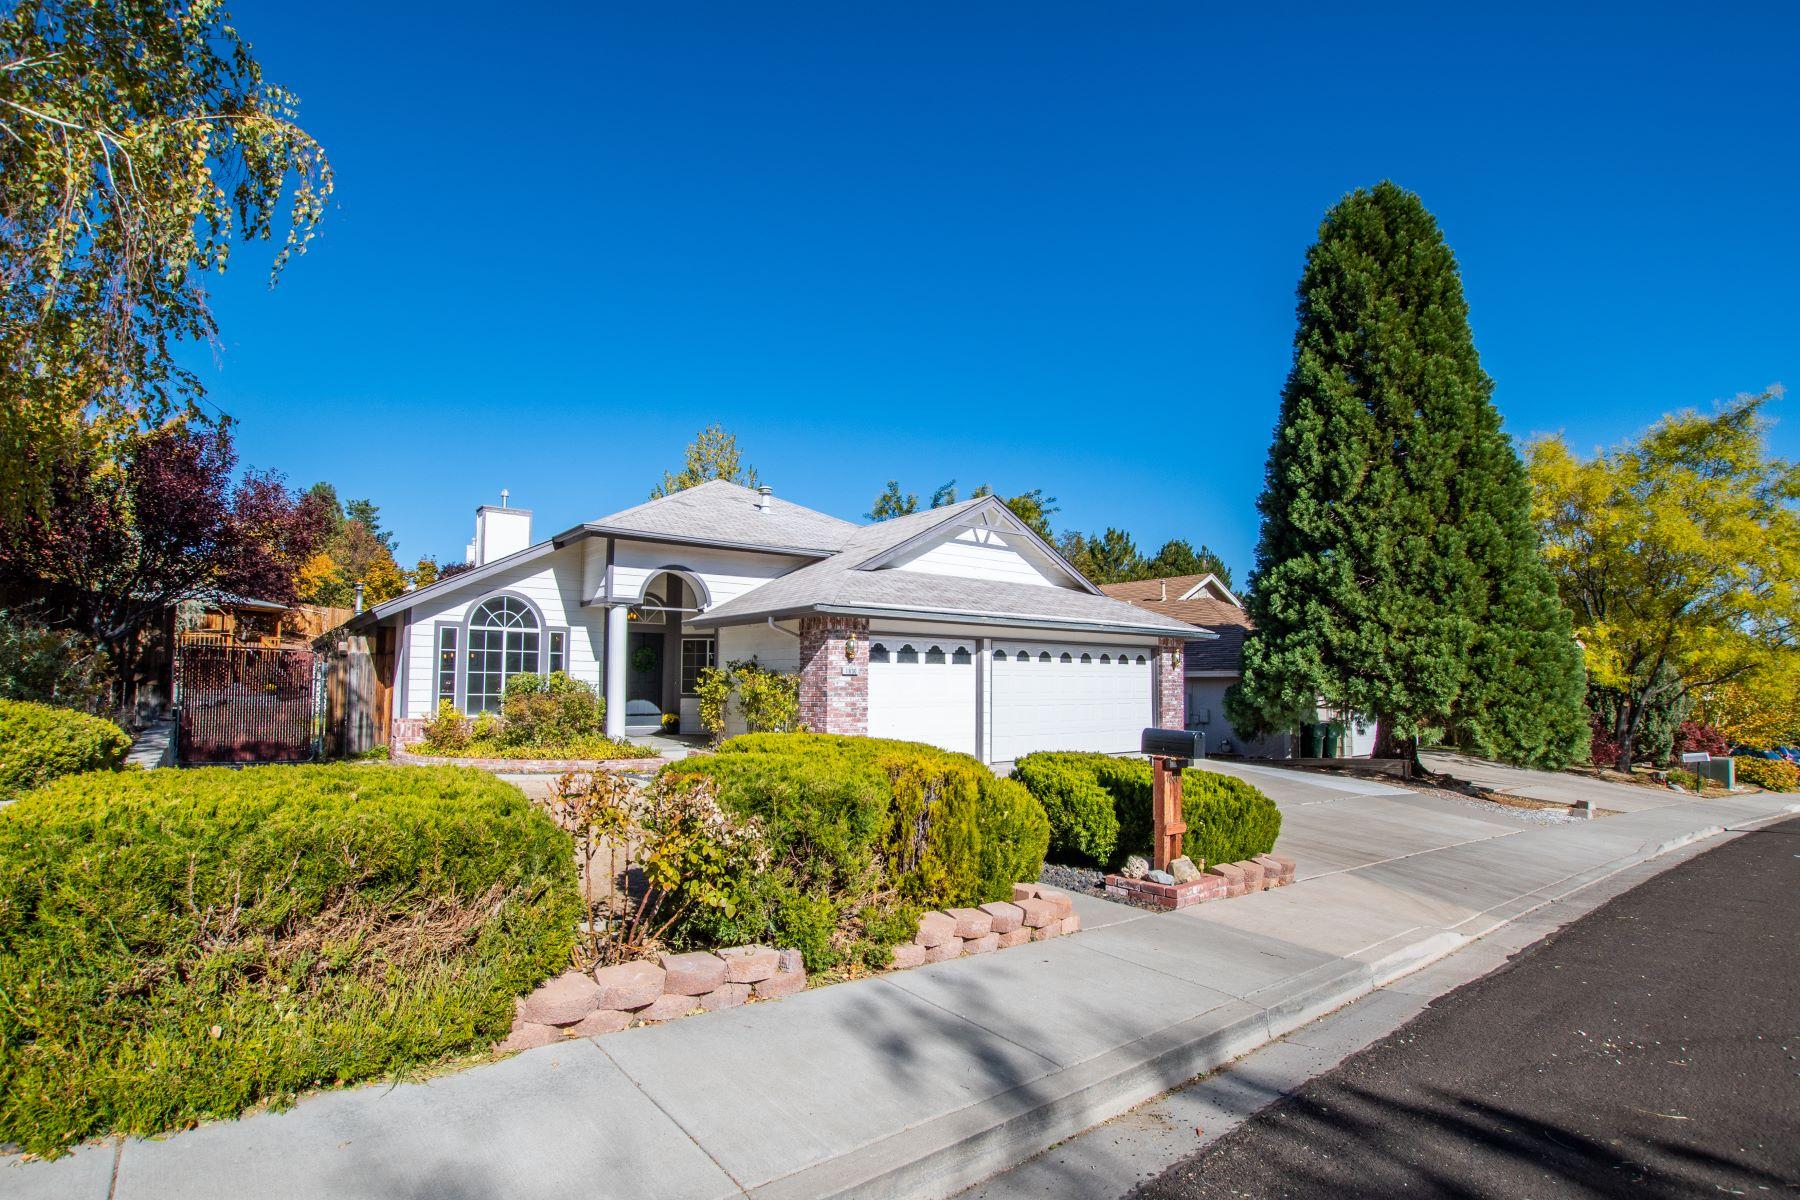 Property for Active at 1830 Lakeland Hills, Reno, Nevada 1830 Lakeland Hills Reno, Nevada 89523 United States